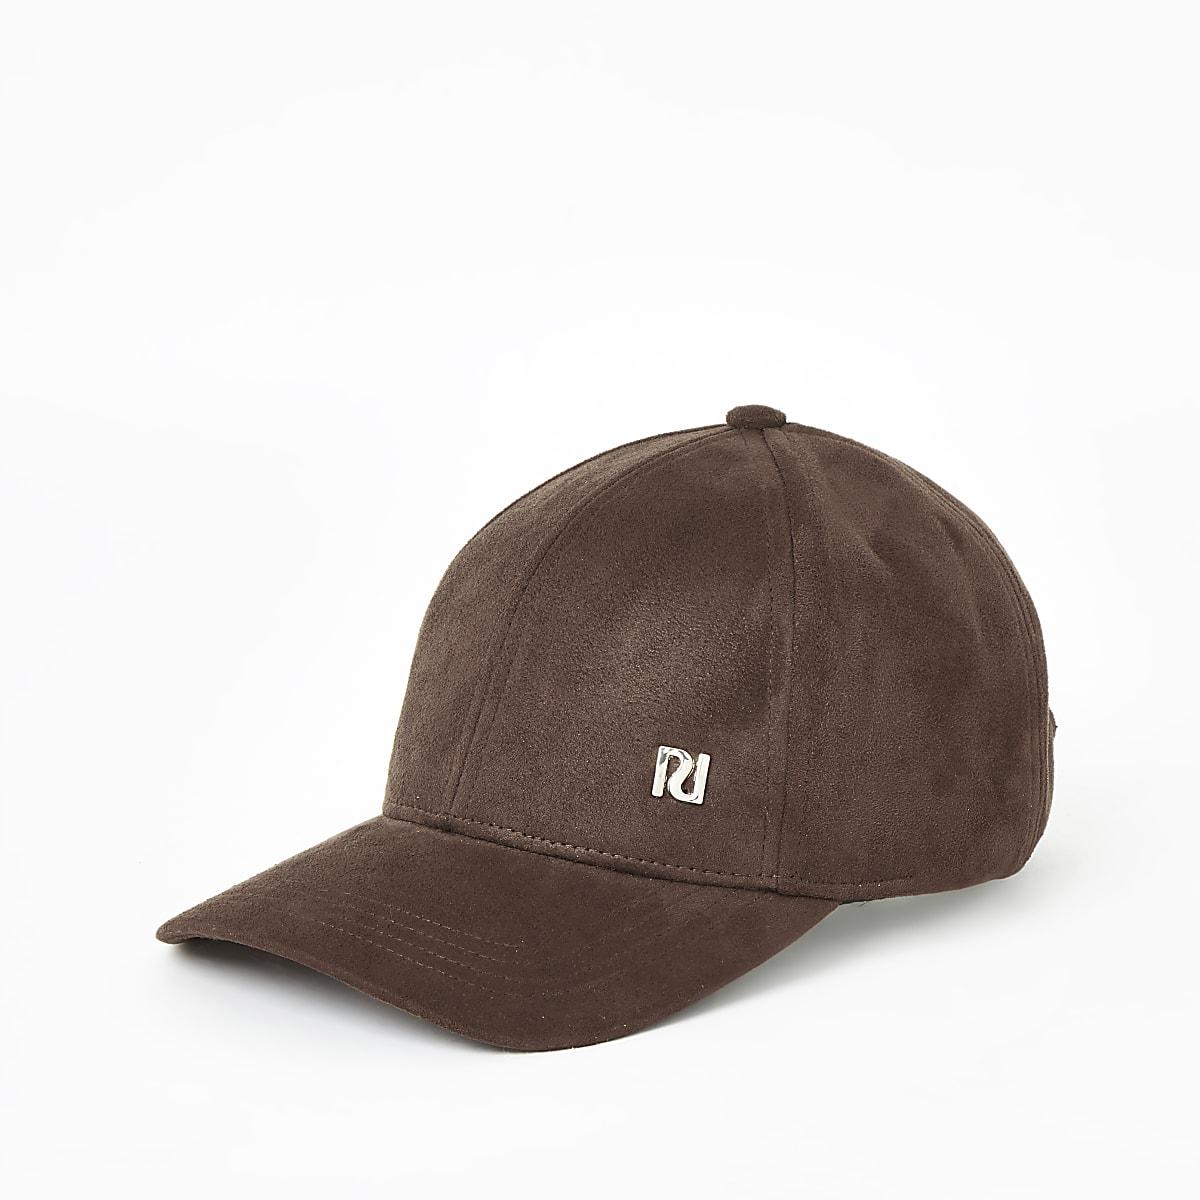 Casquette de baseball en suédine marron